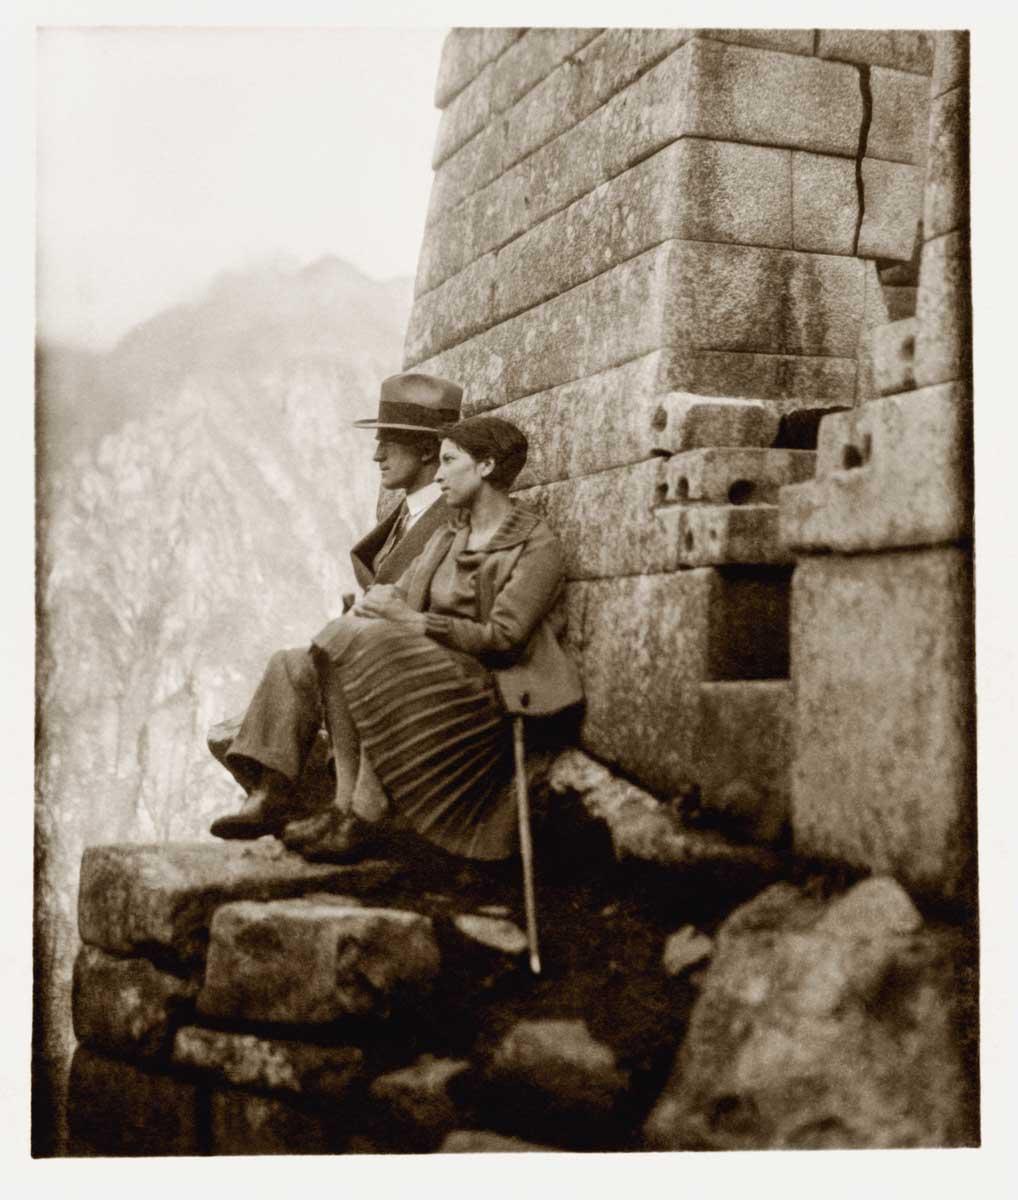 Con su esposa, María Costa, en las ruinas de Machu Picchu, al poco tiempo de haber contraído matrimonio,  c. 1930.